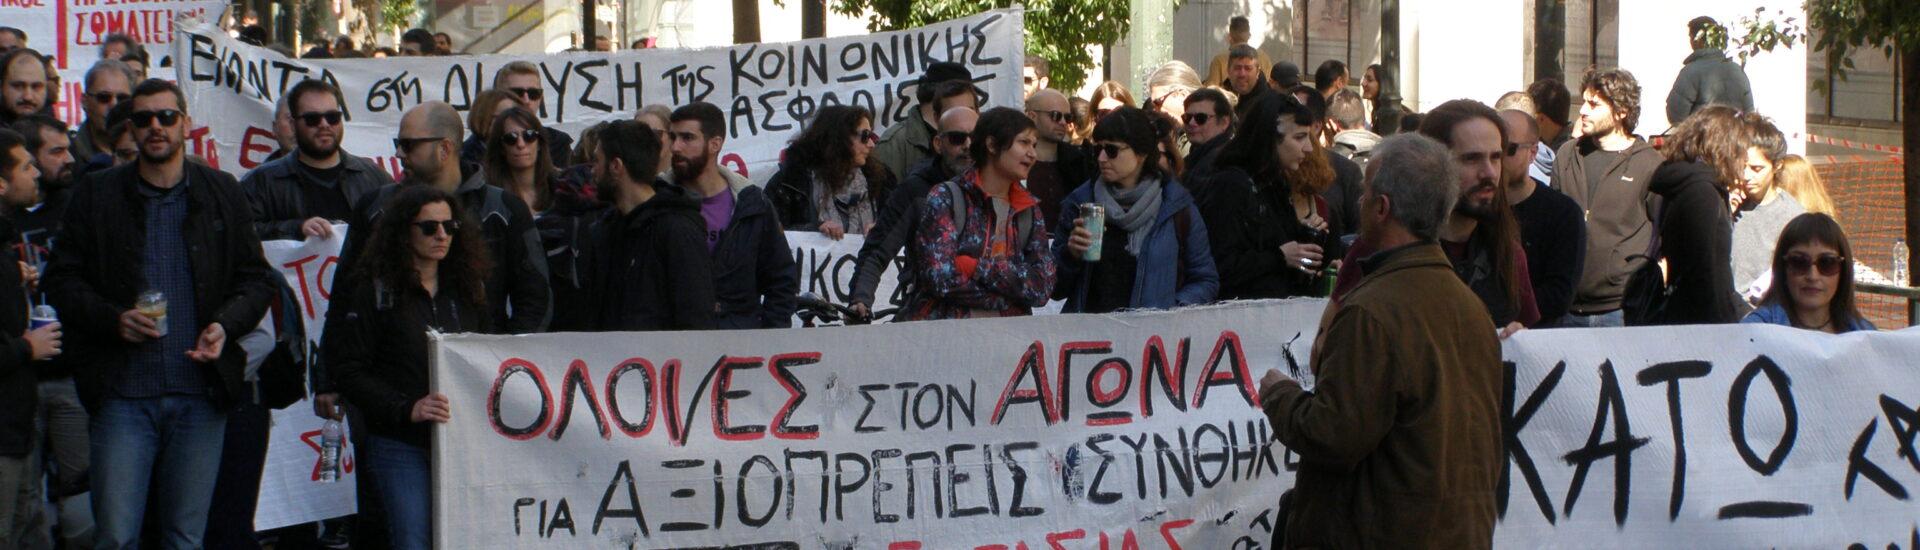 Το δυσώδες άρωμα από τις ανακοινώσεις Βρούτση για τη μεταρρύθμιση στο συνδικαλιστικό νόμο